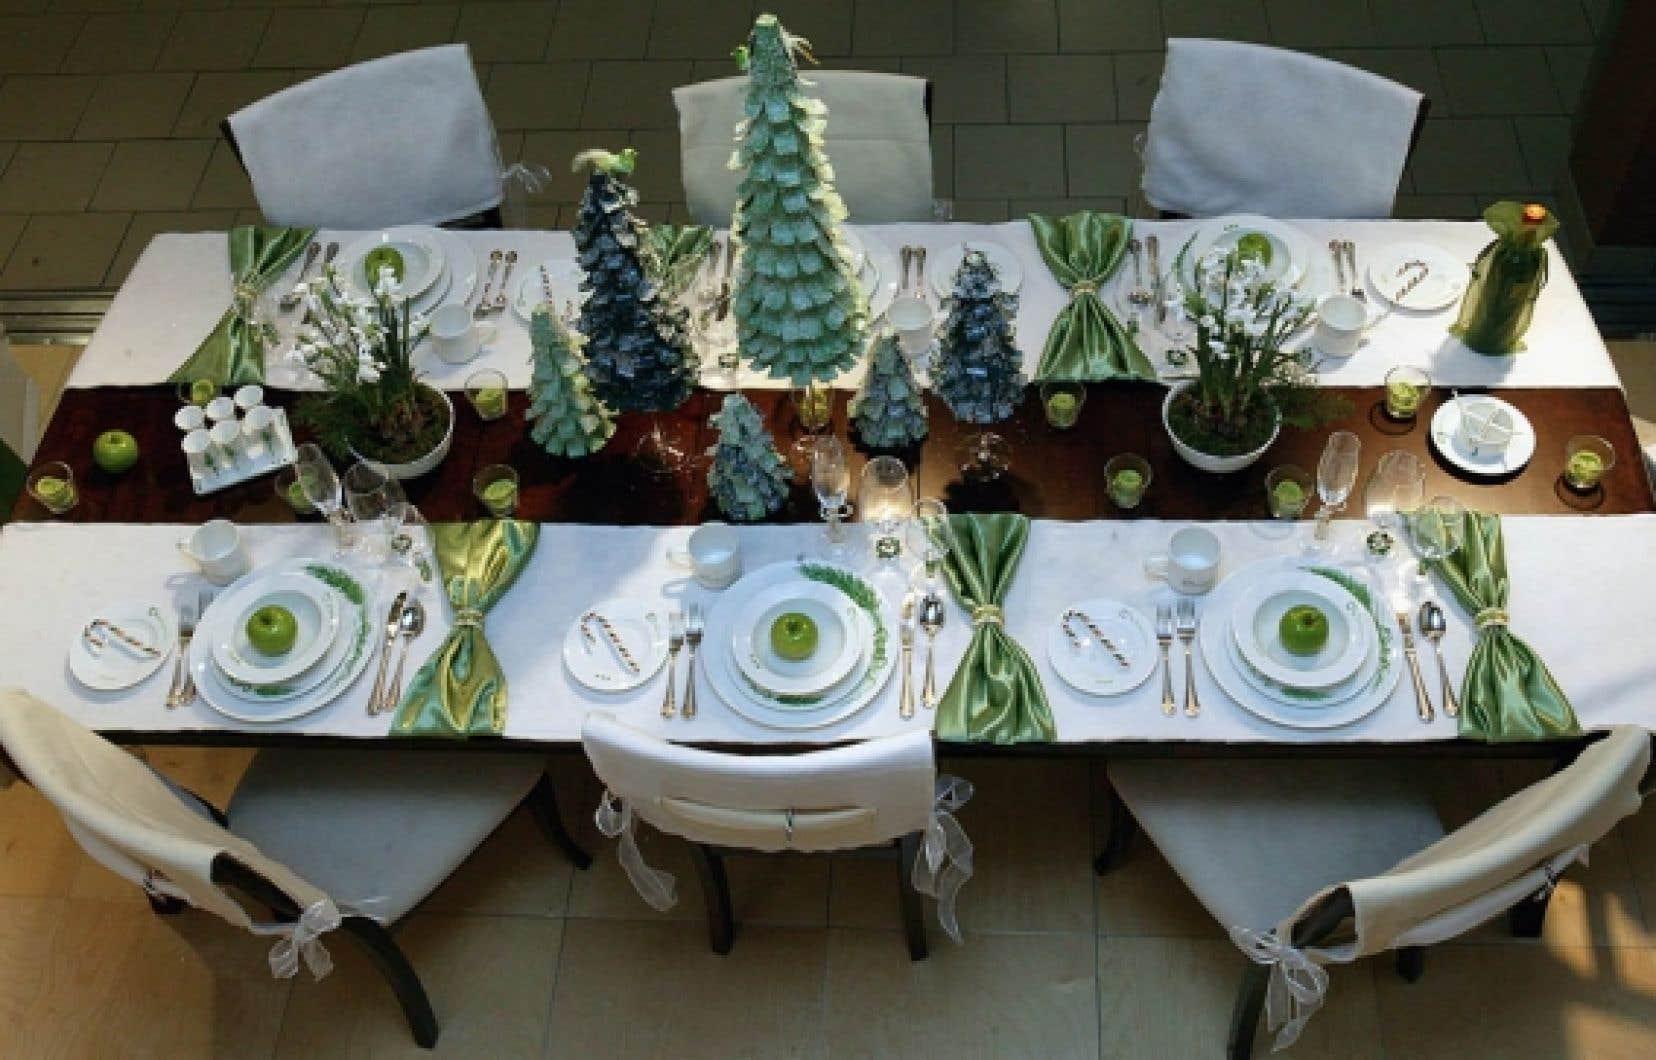 Le traditionnel repas en famille, avec la dinde, les tourtières et autres pâtés à la viande, est toujours de mise au Québec, mais les mets tendent à se moderniser, tout comme les décorations.